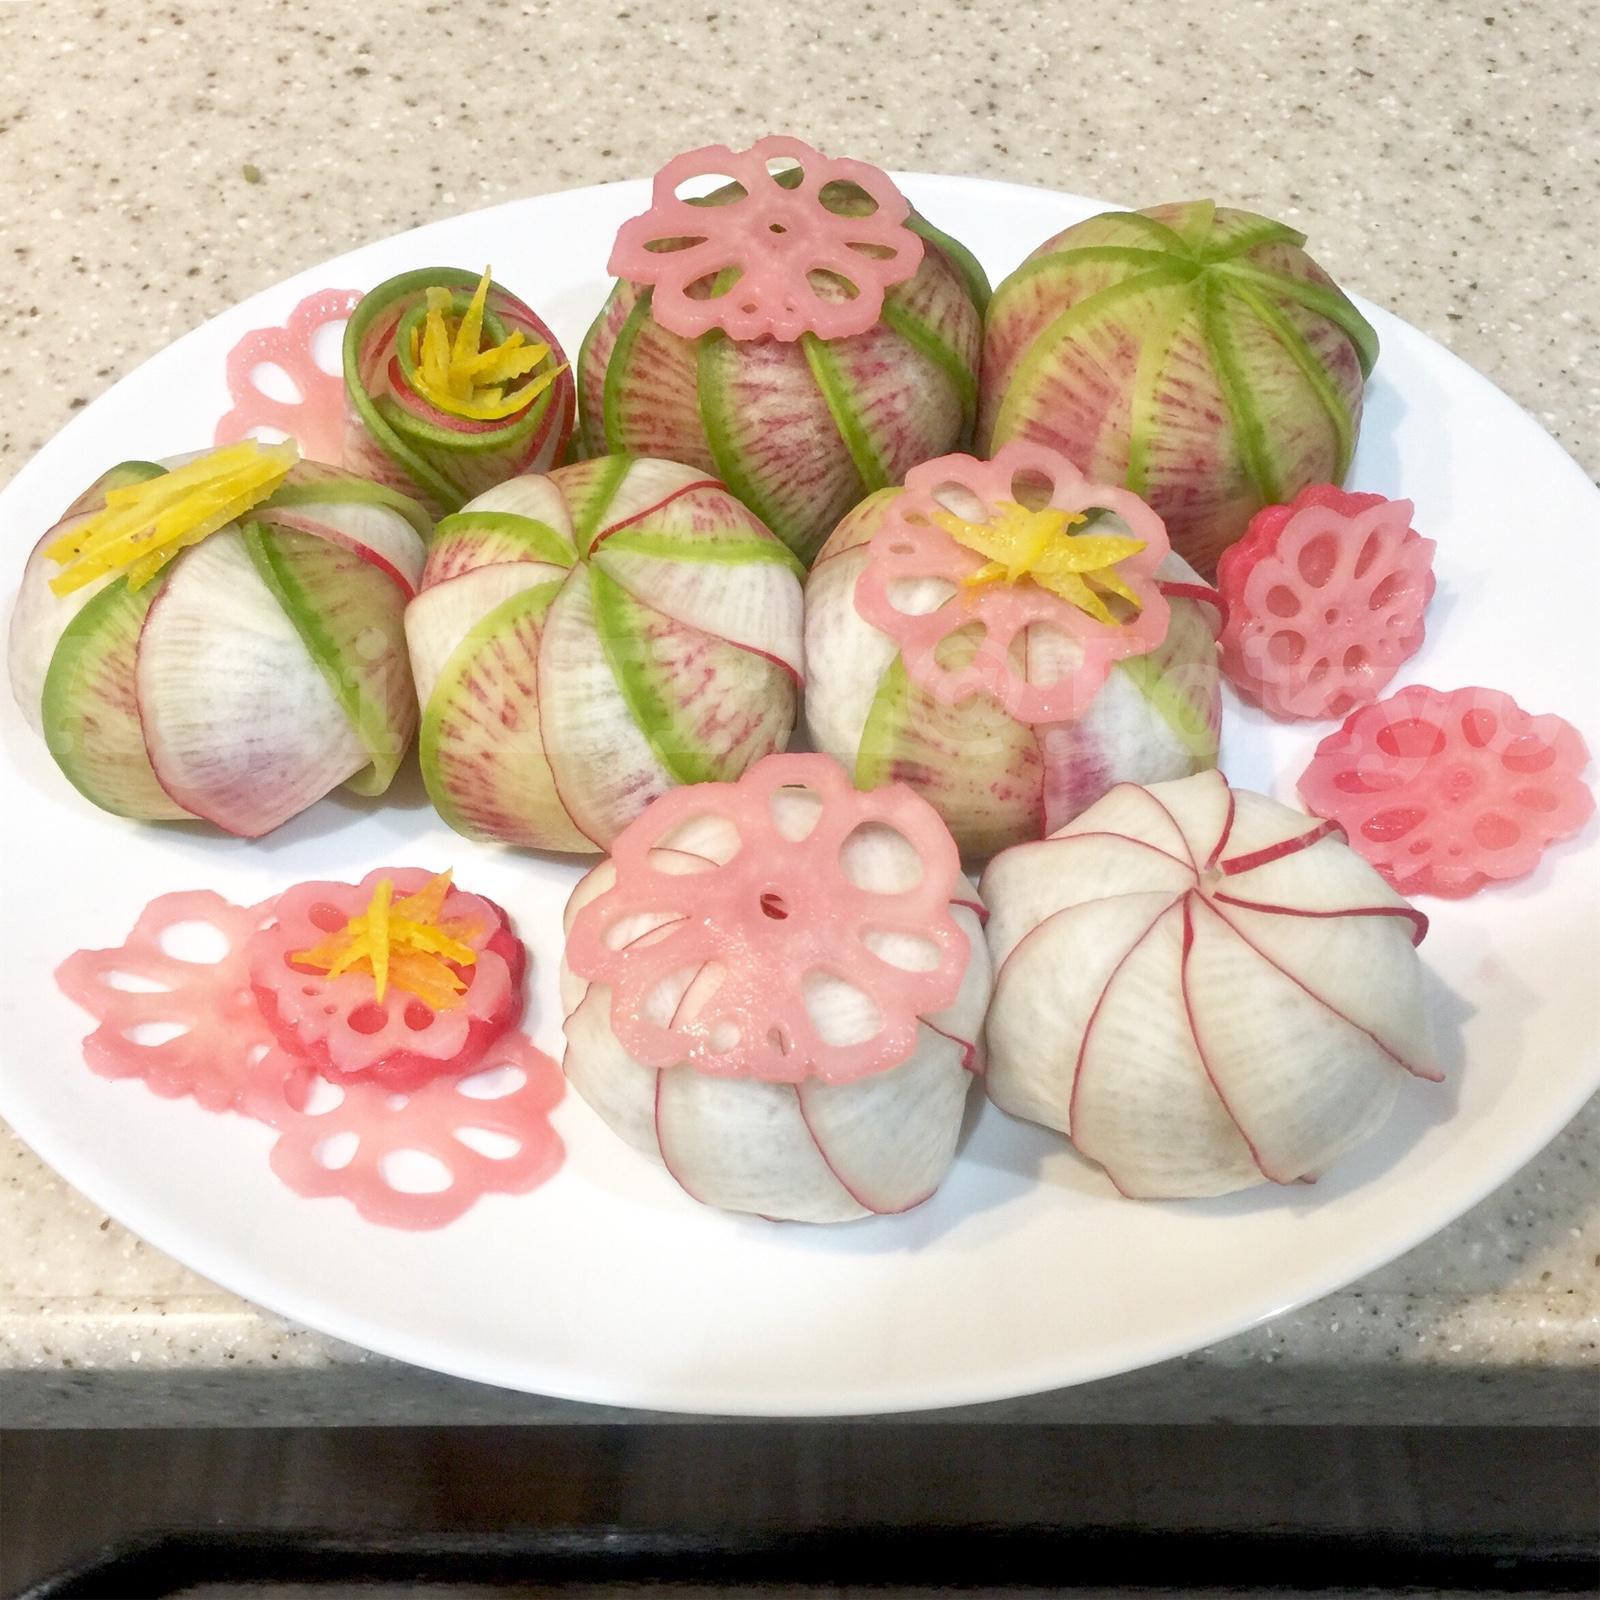 野菜手毬寿司(サラダ大根紅・サラダ紅芯大根)